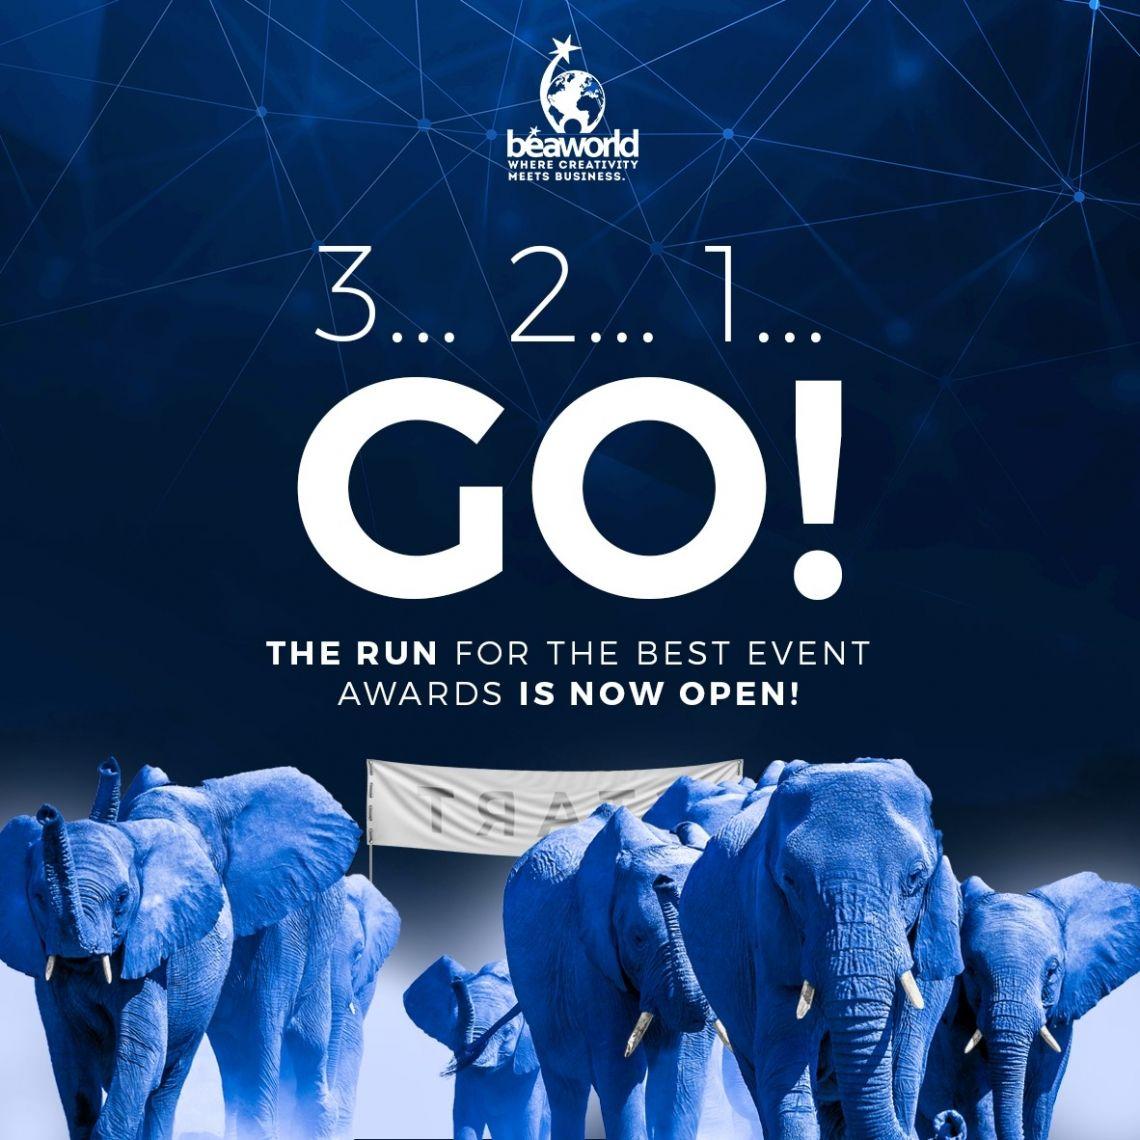 Bea World 2018: Jetzt einreichen für die Best Event Awards